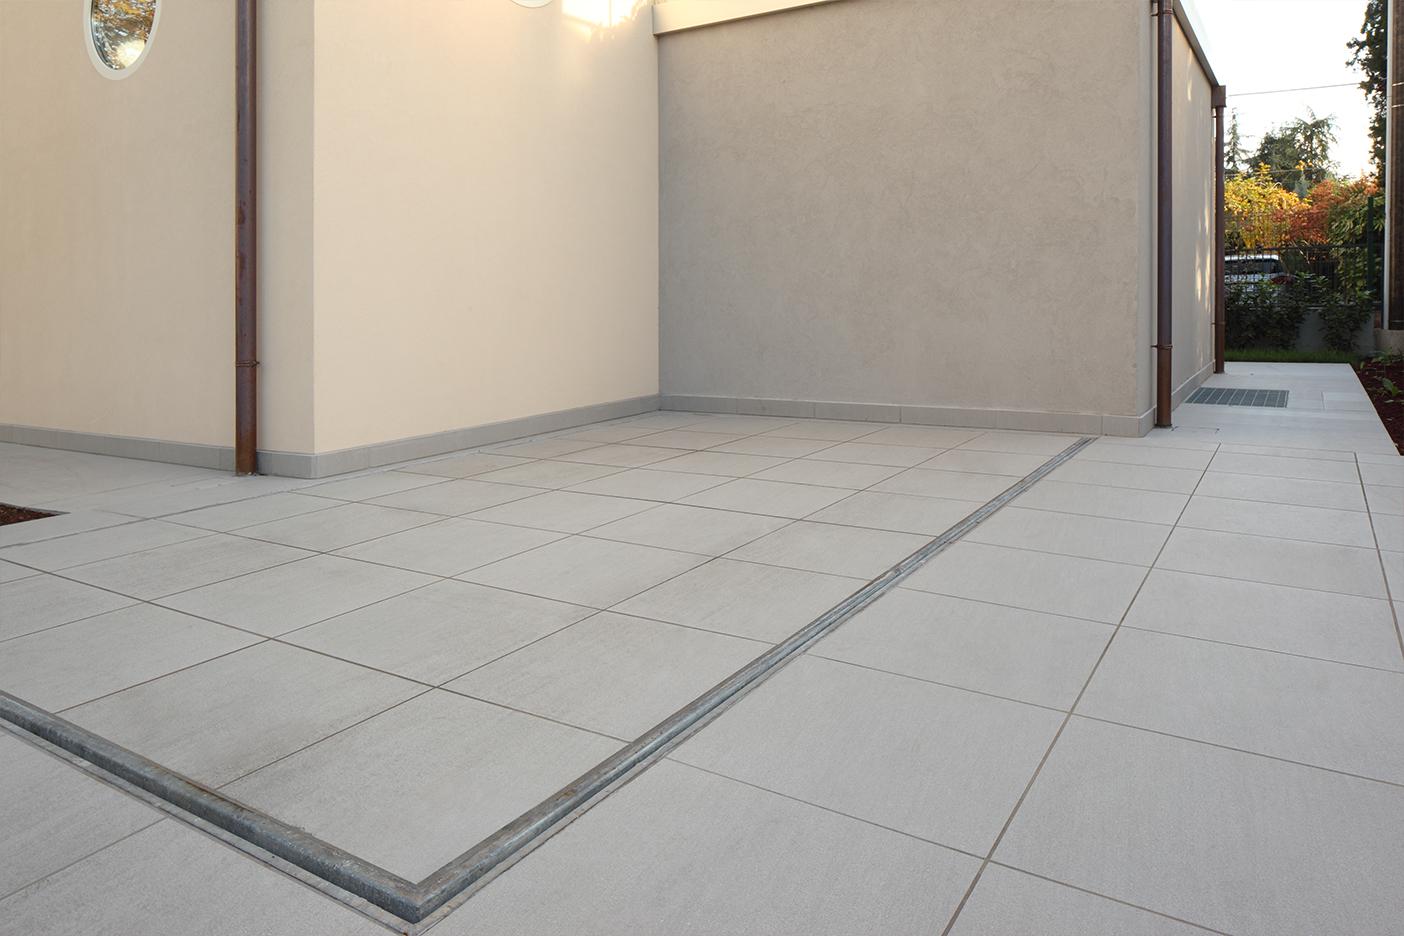 loại gạch men xám trung tính cao cấp có thể nhanh chóng đáp ứng được mọi yêu cầu. Chúng dễ dàng phối hợp cùng mọi phong cách kiến trúc, trám cùng chất liệu bê tông đảm bảo độ bền và có giá thành vô cùng tiết kiệm.